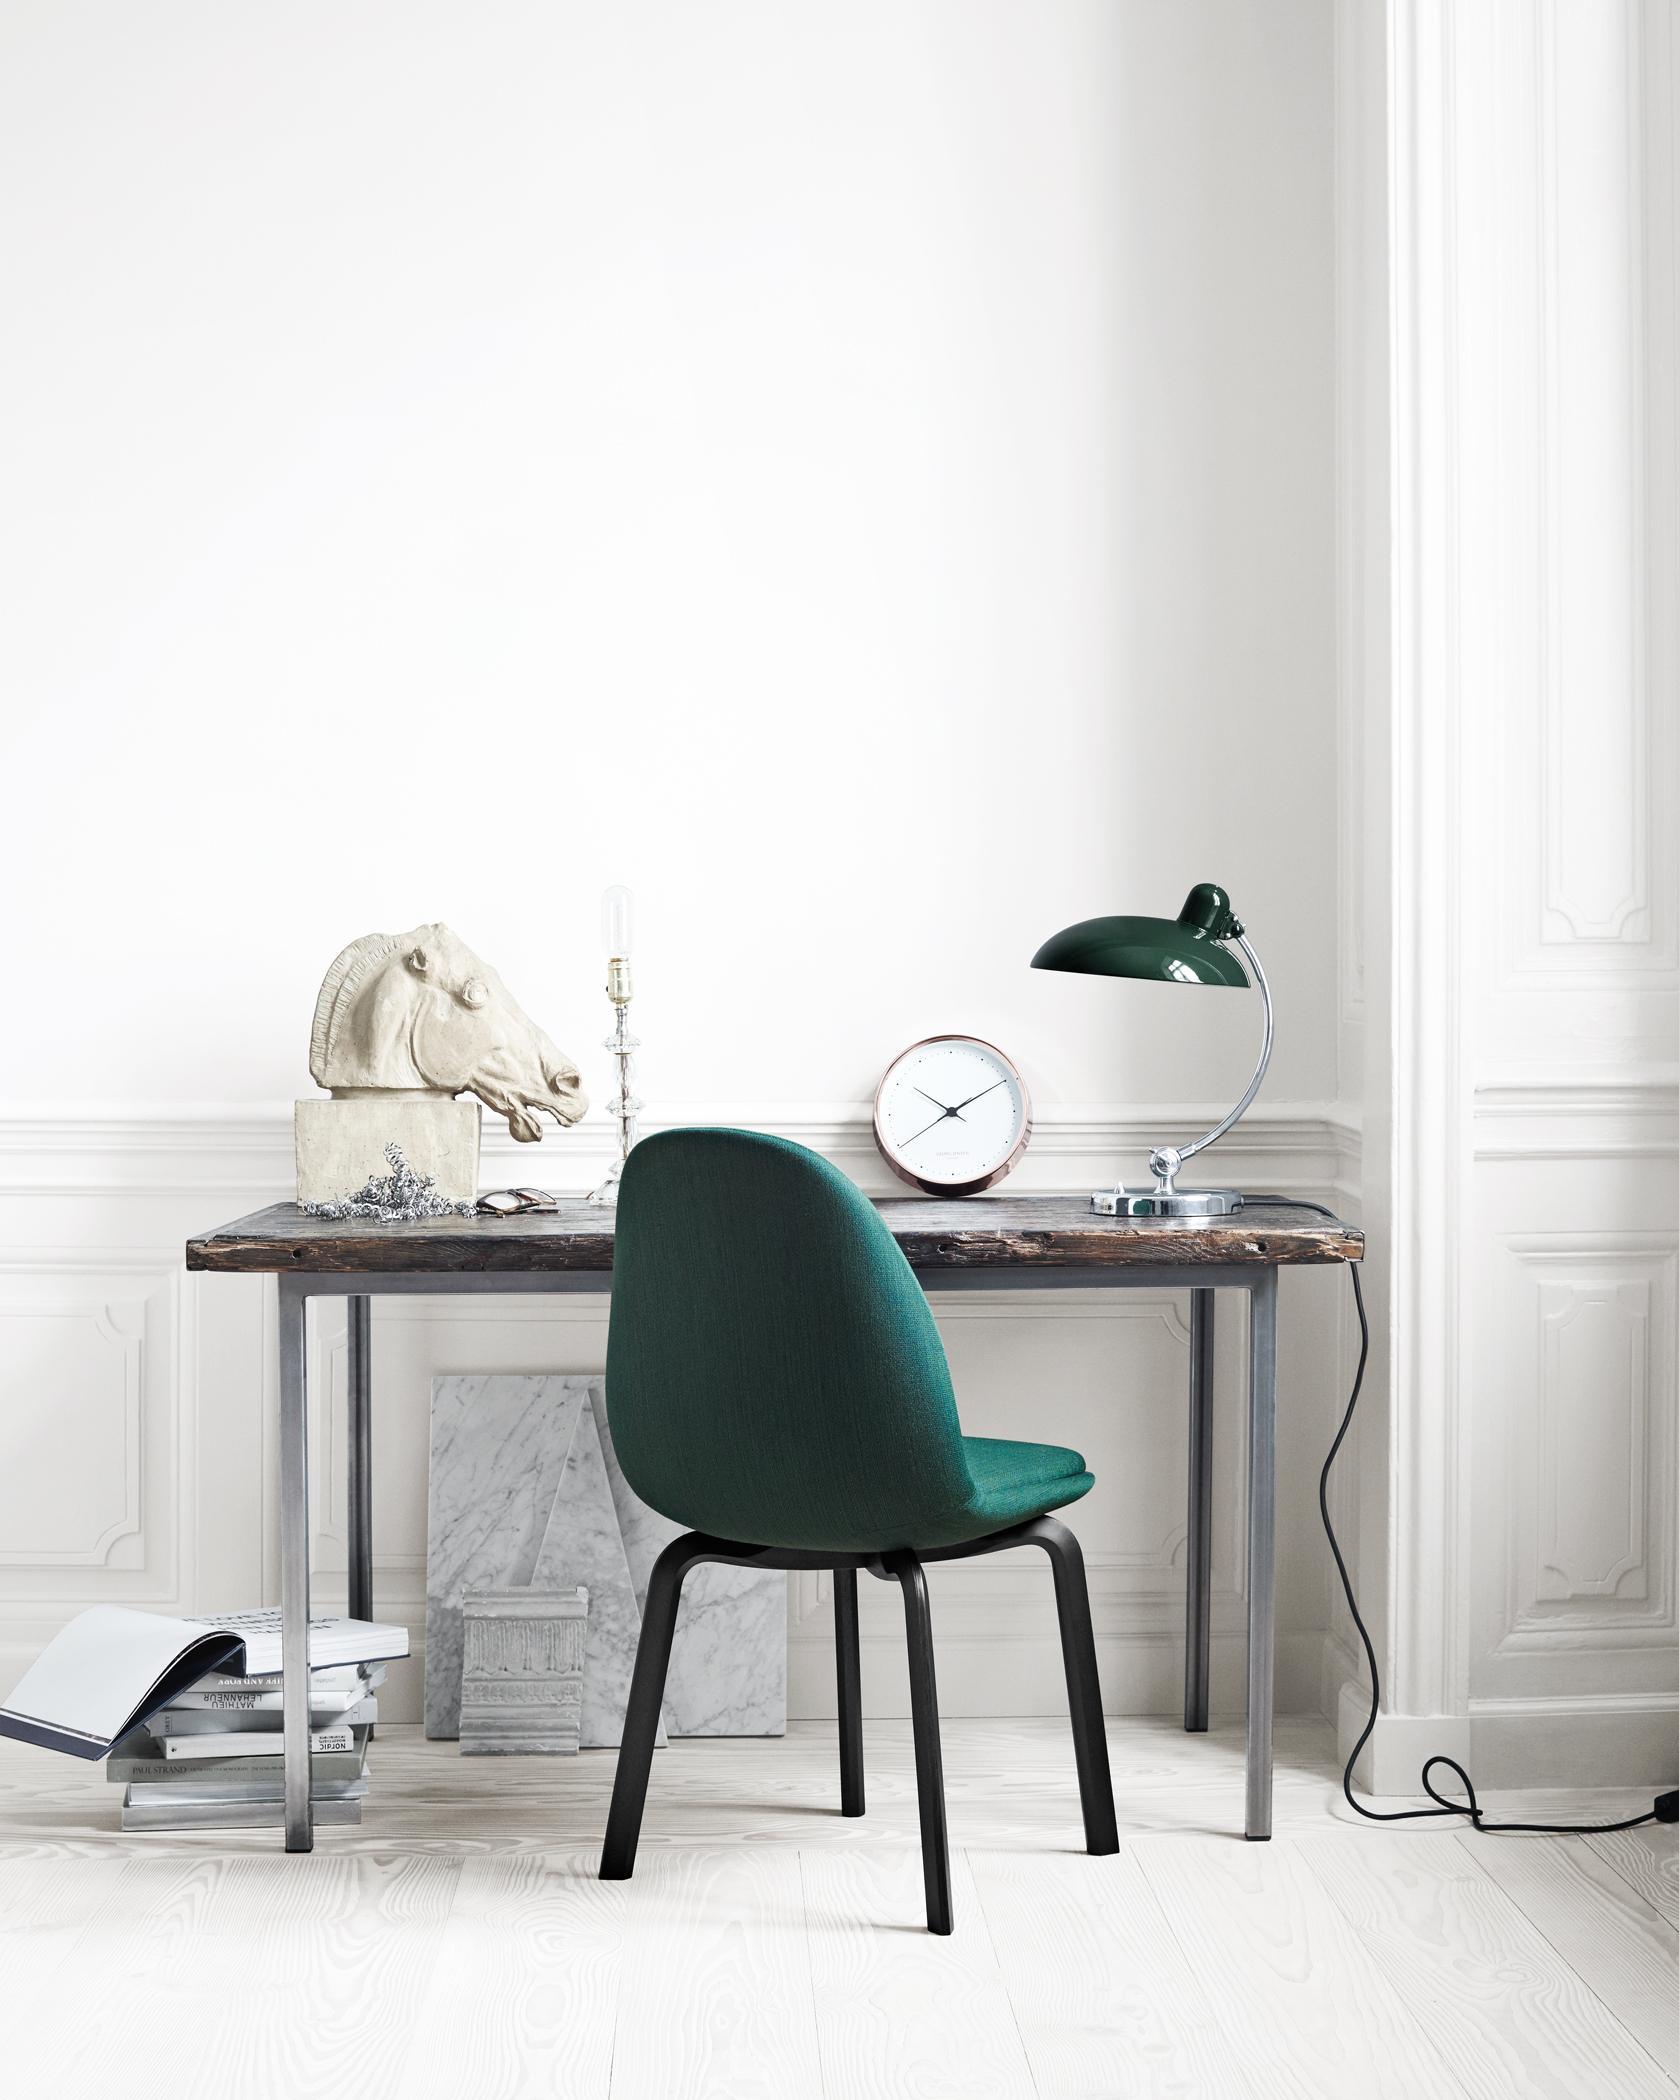 Arbeitsplatz Mit Retroflair Stuhl Schreibtisch Ti